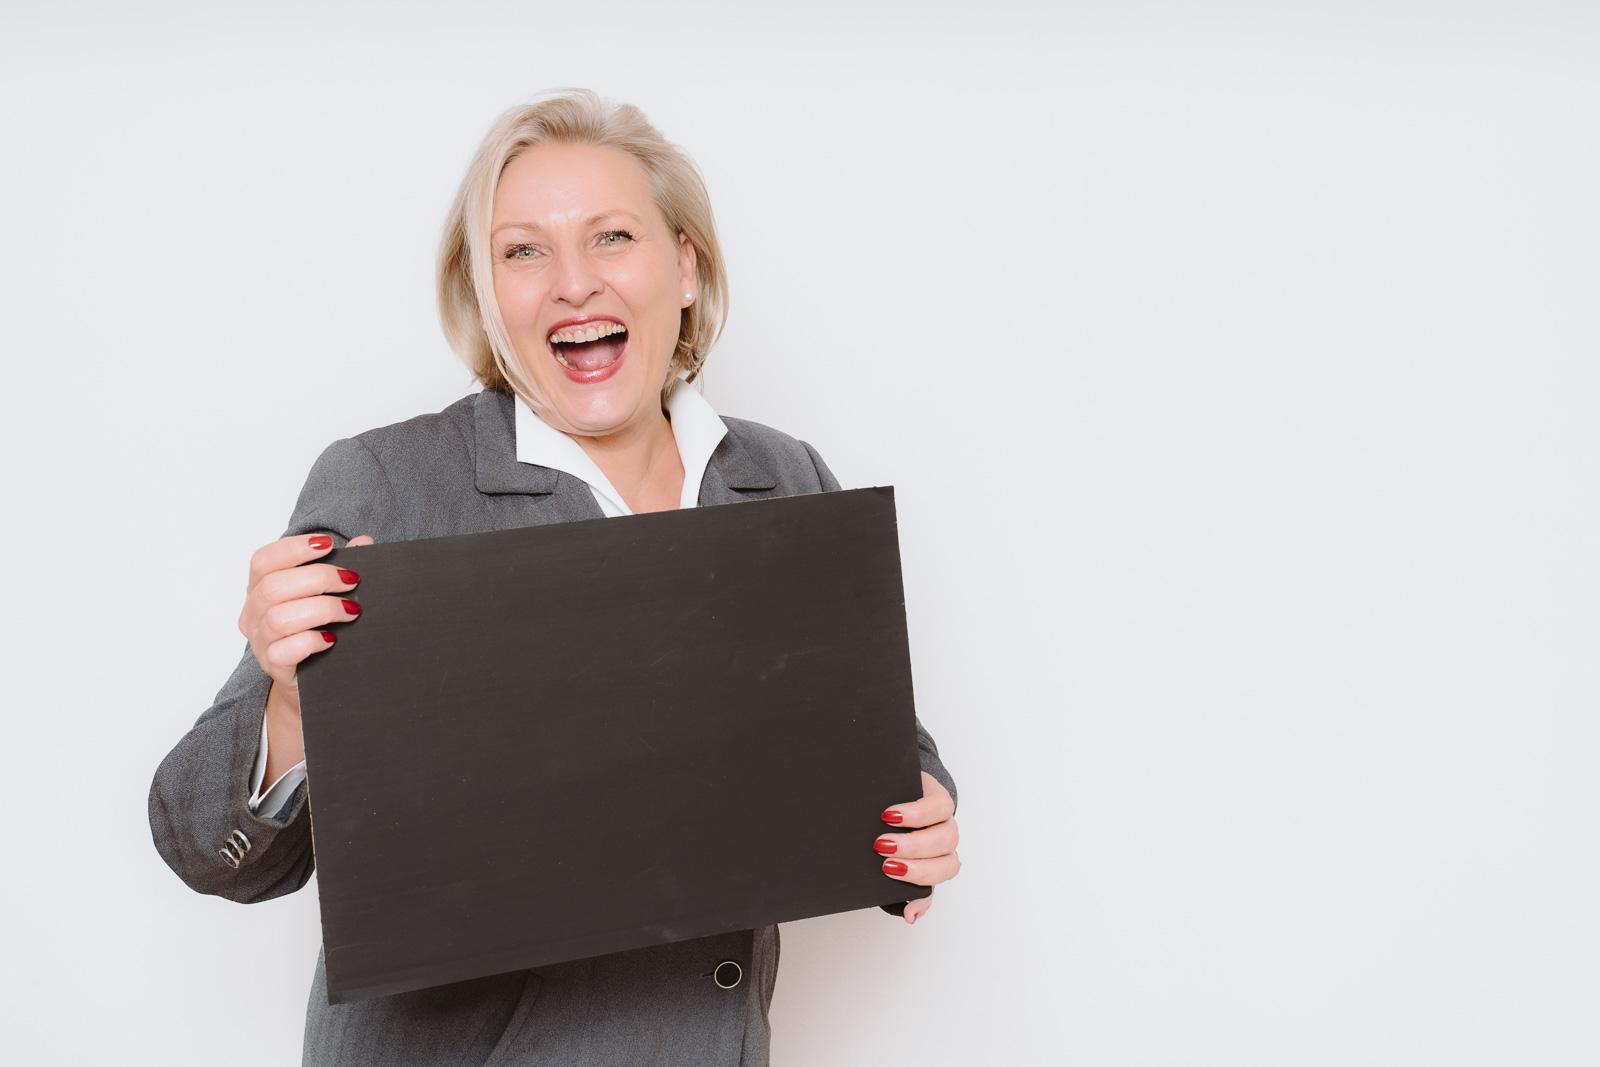 Businessporträts - Logopädin Kerstin Winterboer mit Tafel um viele Infos weiterzugeben